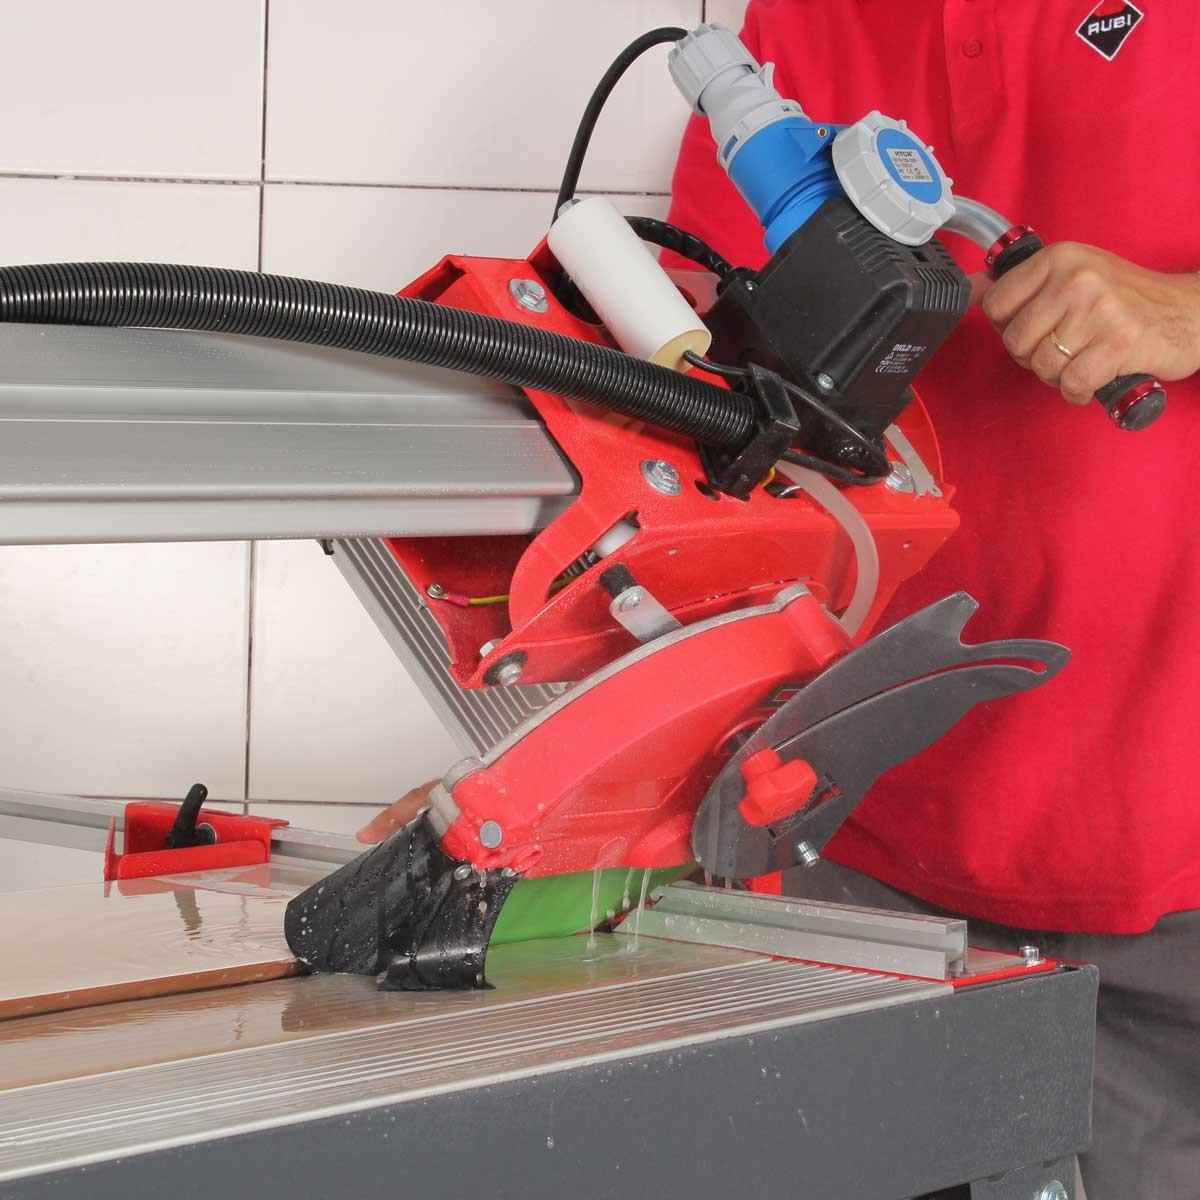 Rubi DC250-1200 45 cuts